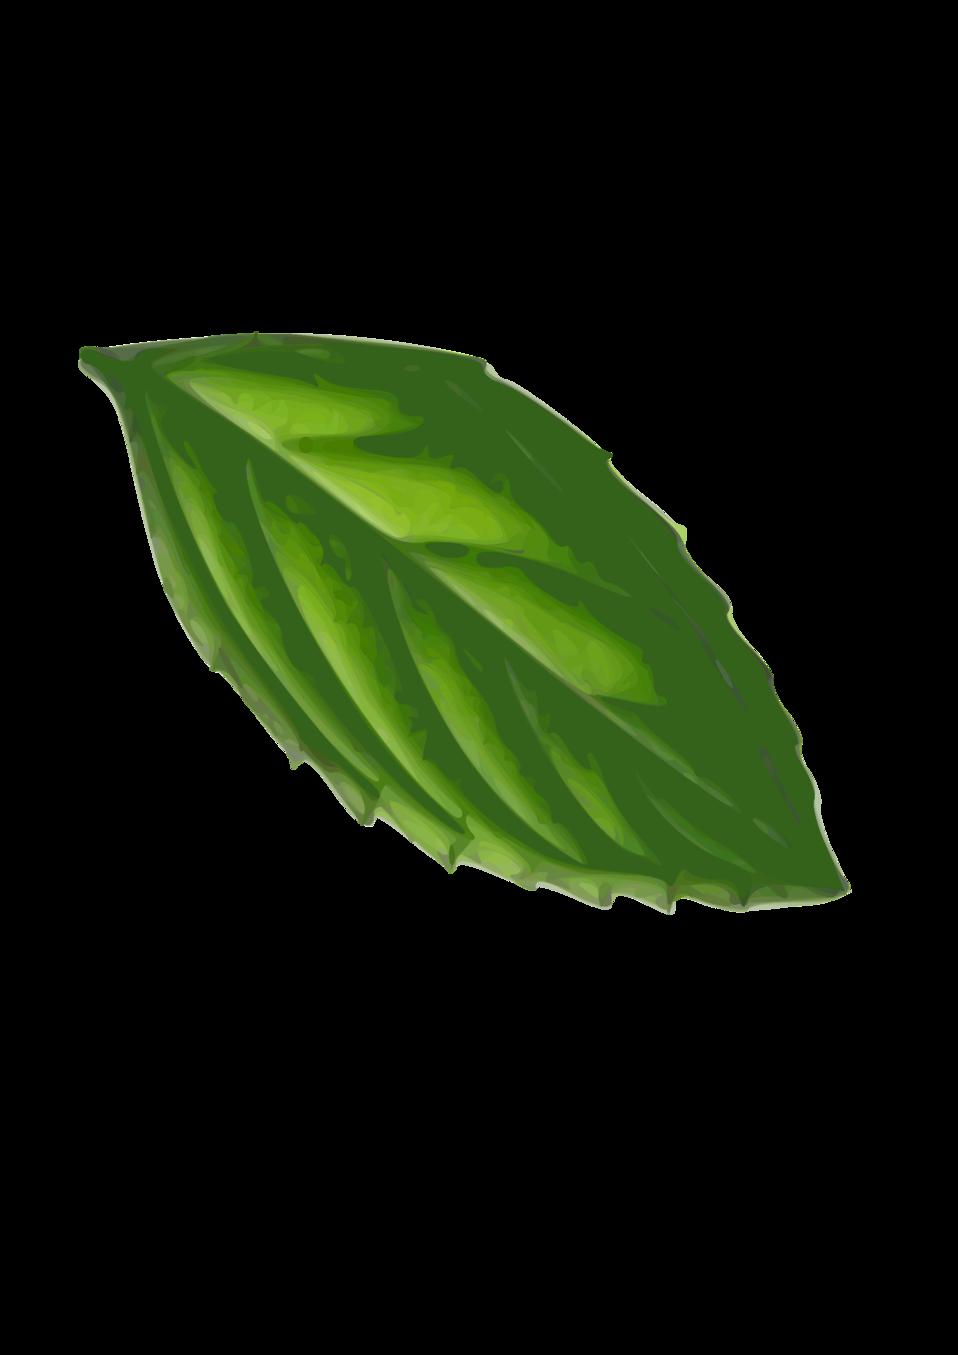 Illustration of a green leaf